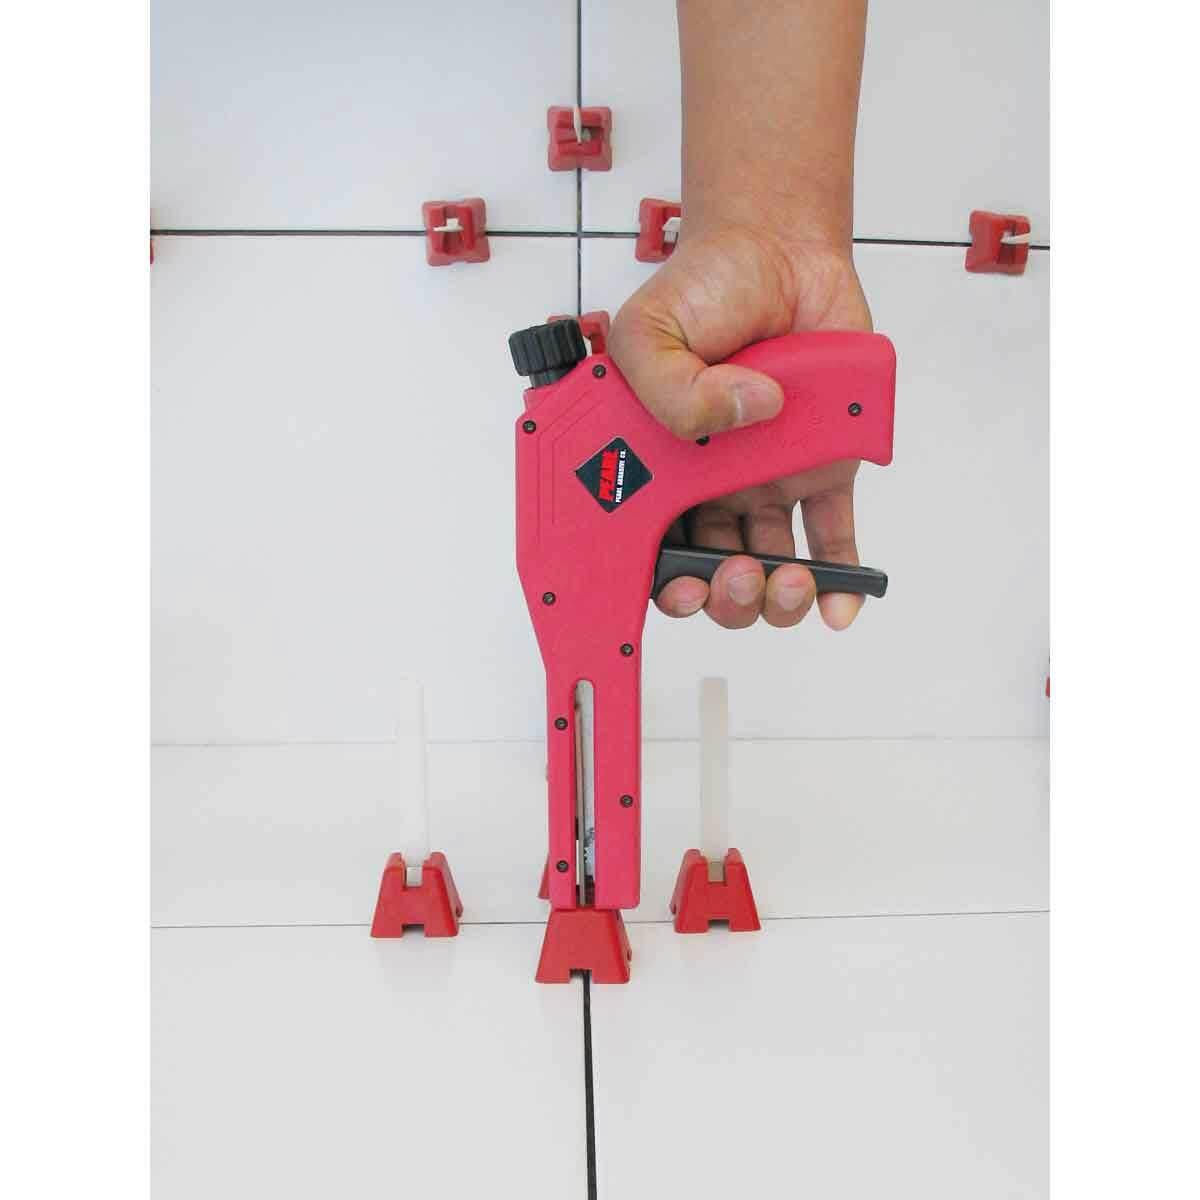 tuscan strap installation with ergo gun